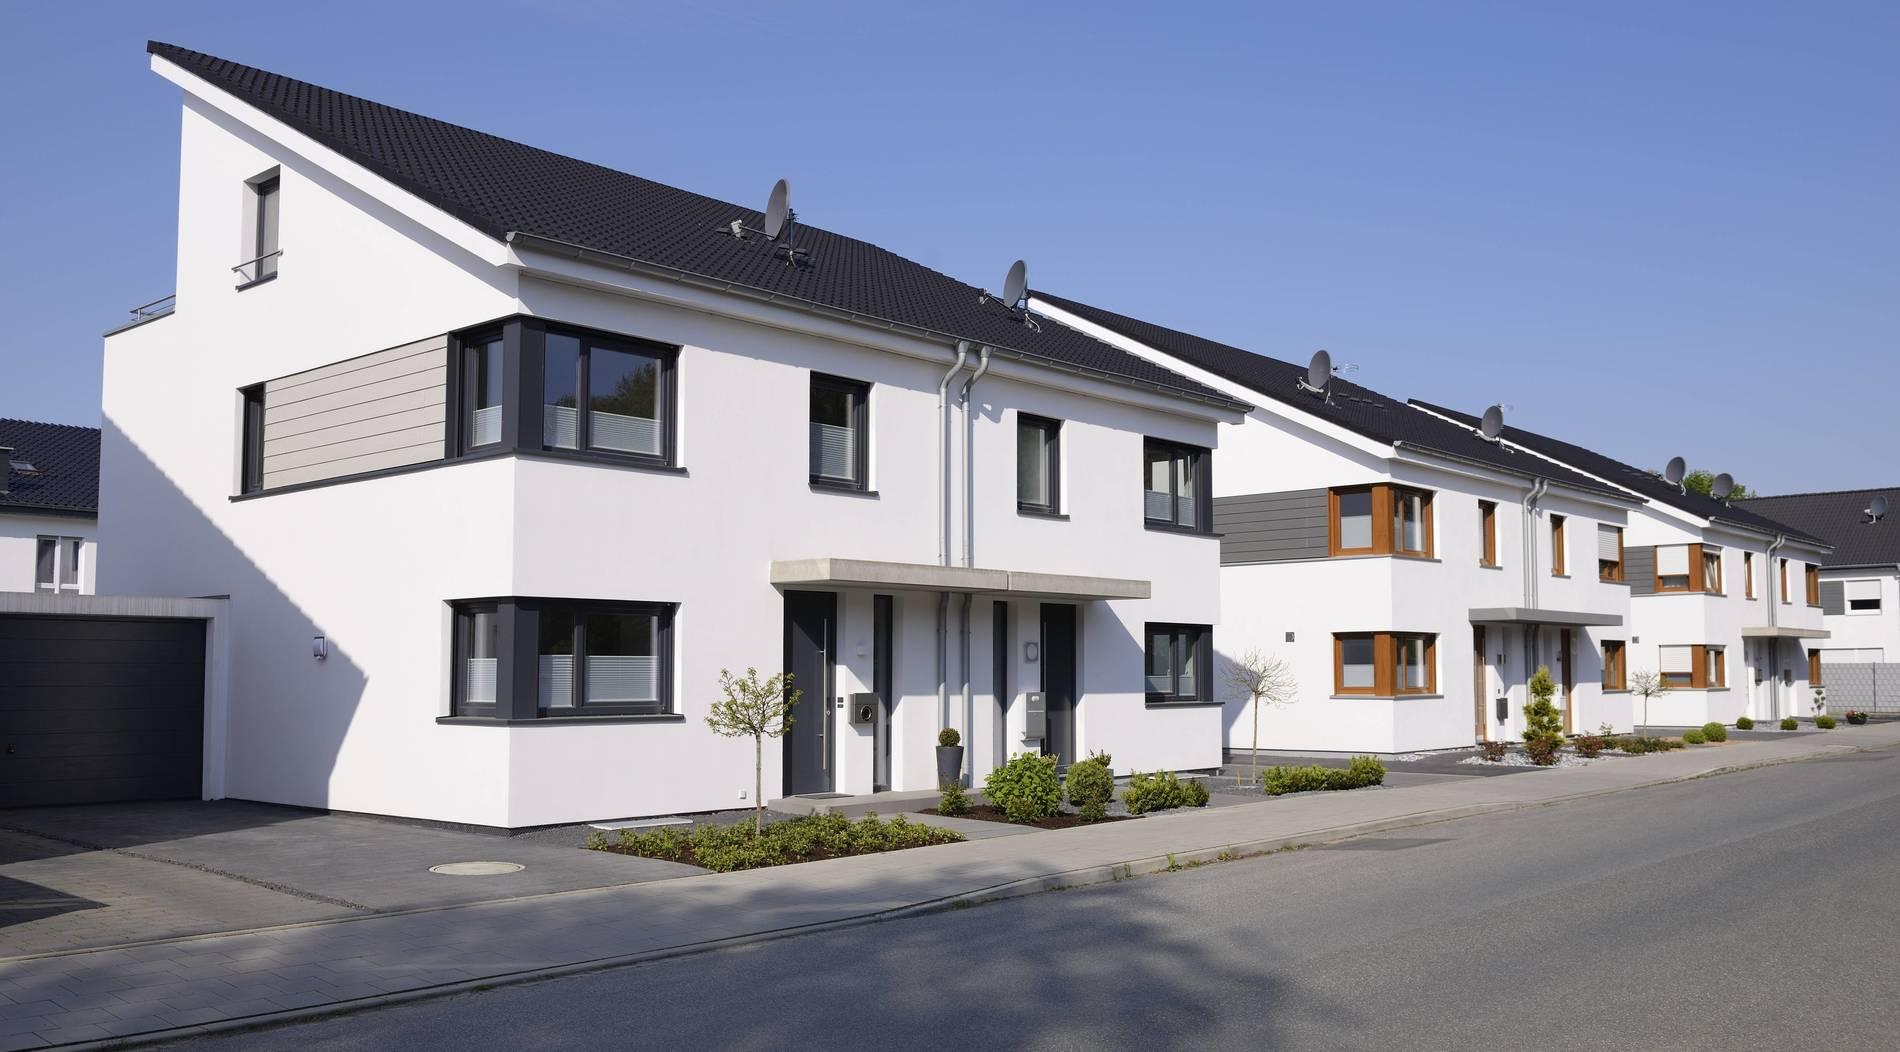 Private Haushalte gaben im Schnitt 305.000 Euro für Wohneigentum aus